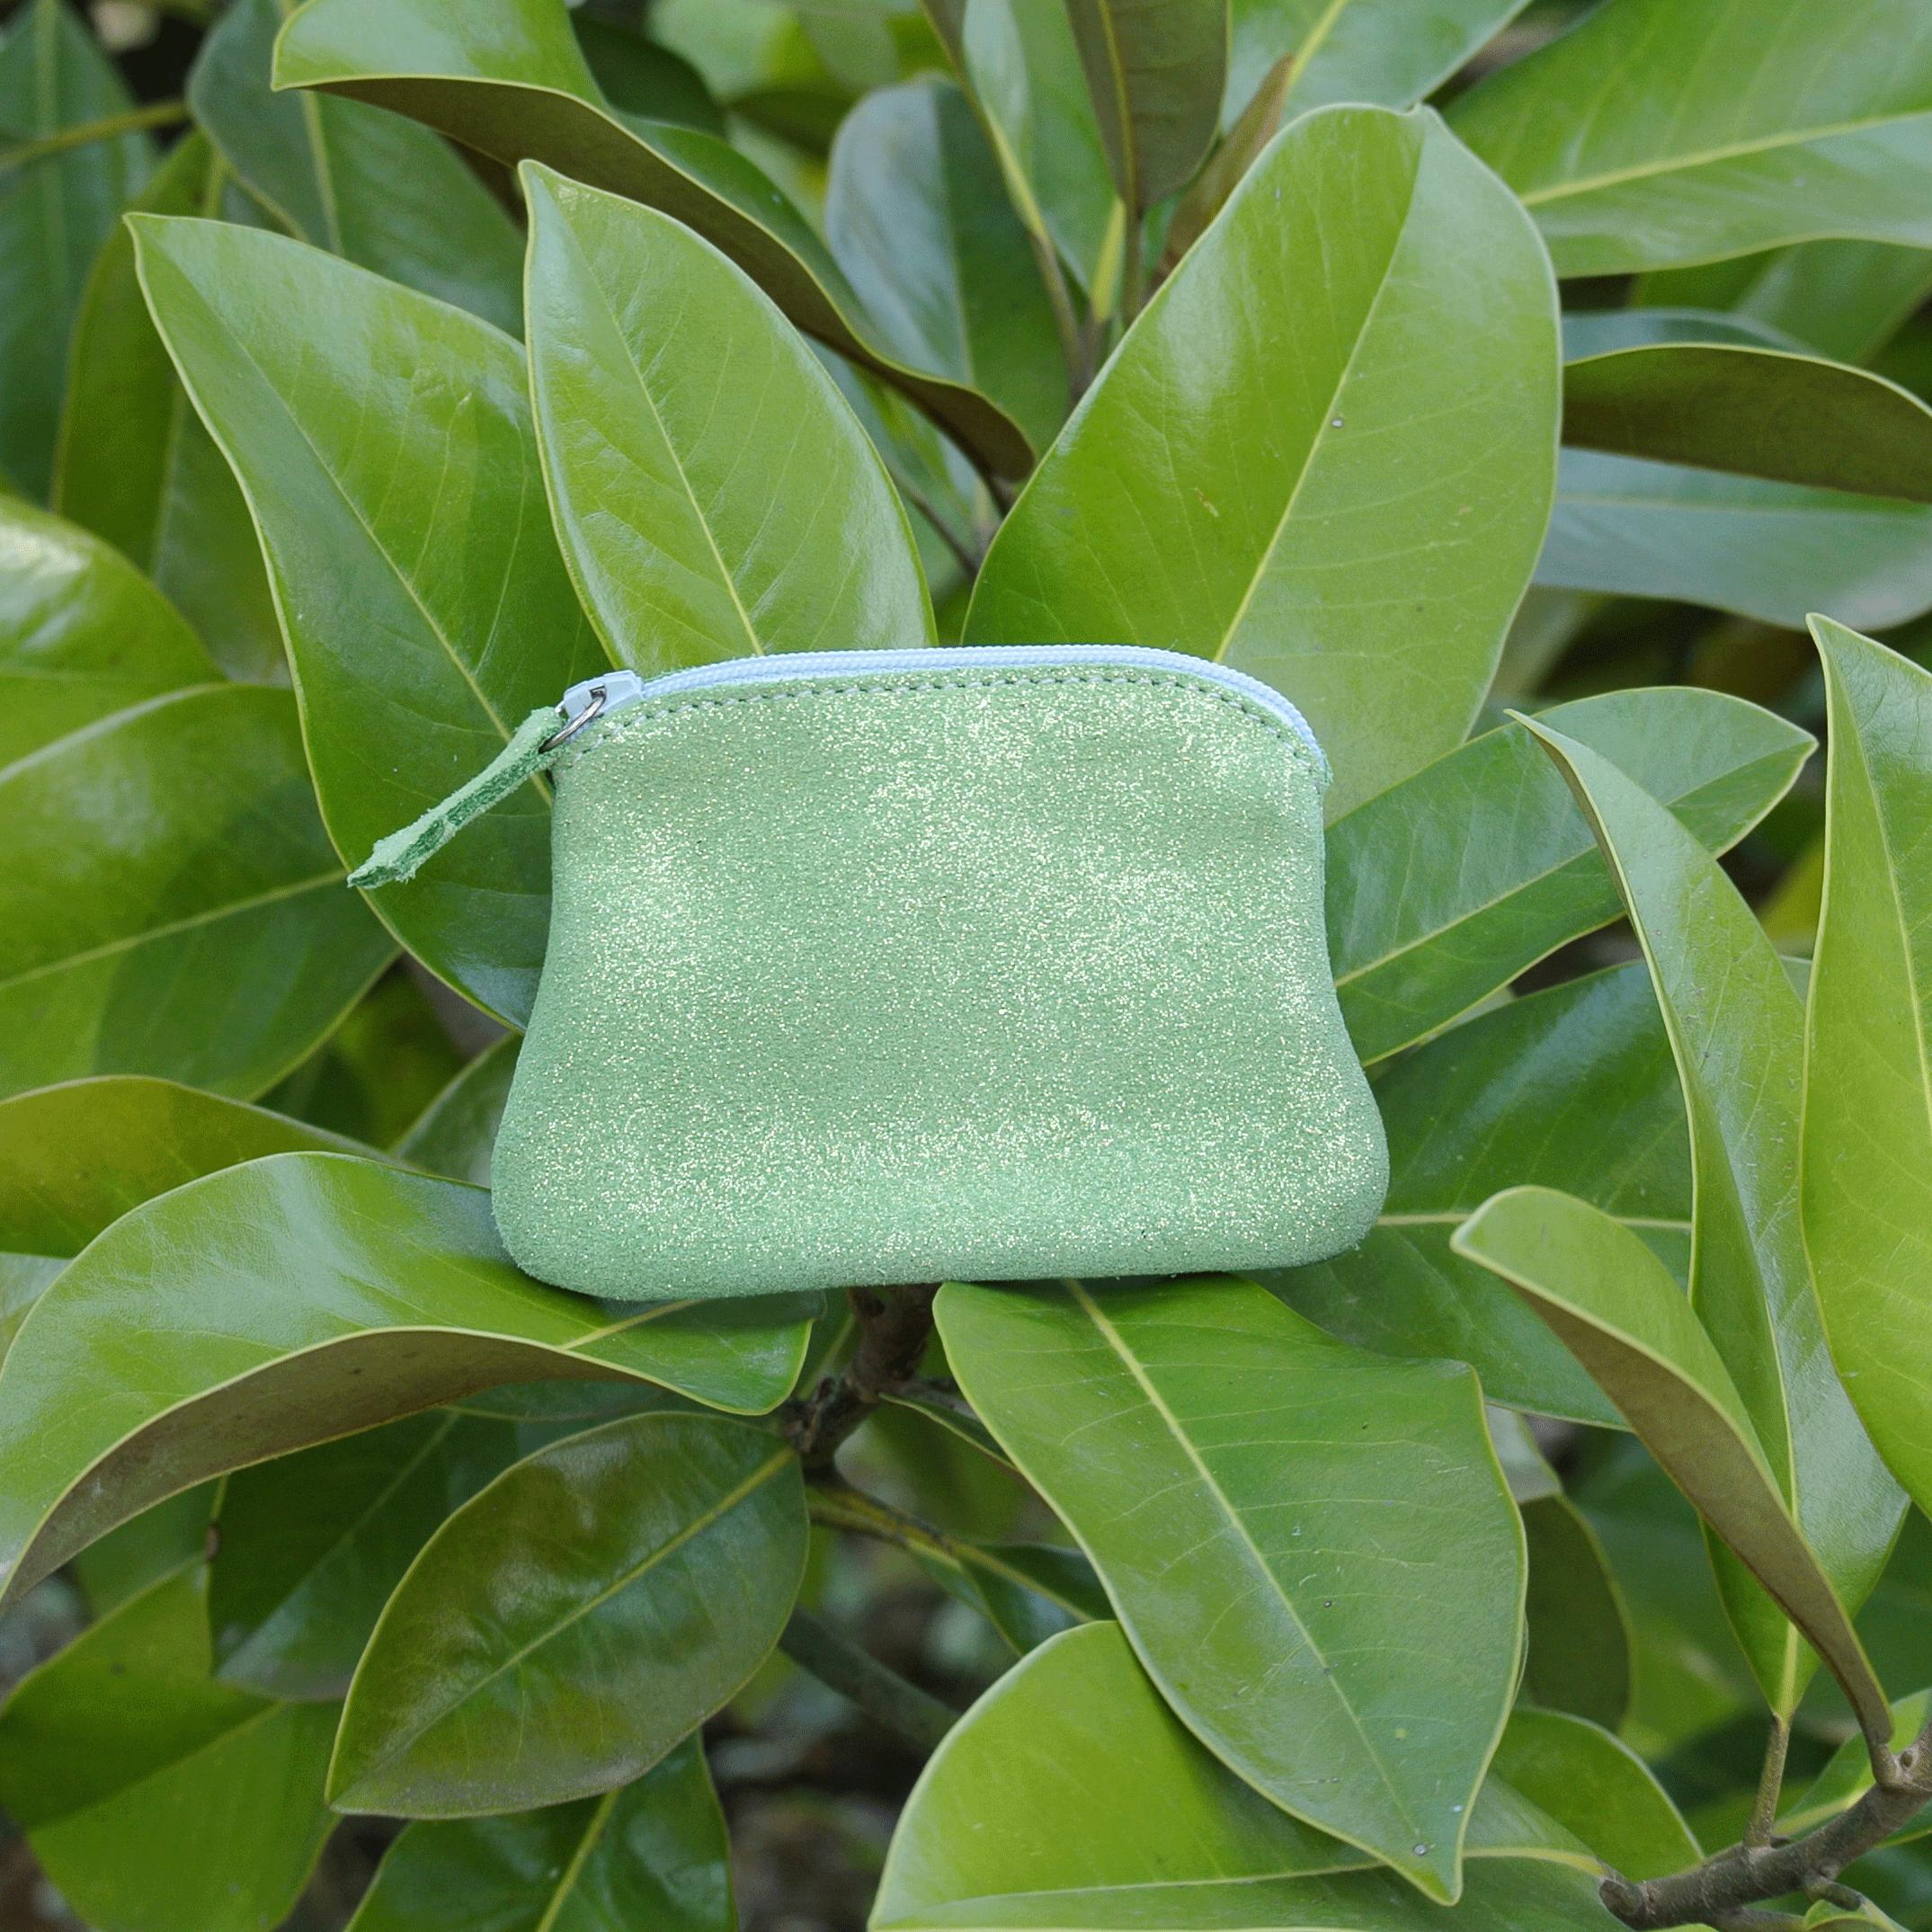 cuirs-fantaisies-la-cartabliere-fabrique-en-france-porte-monnaie-kiwi-en-cuir-paillete-vert-pistache